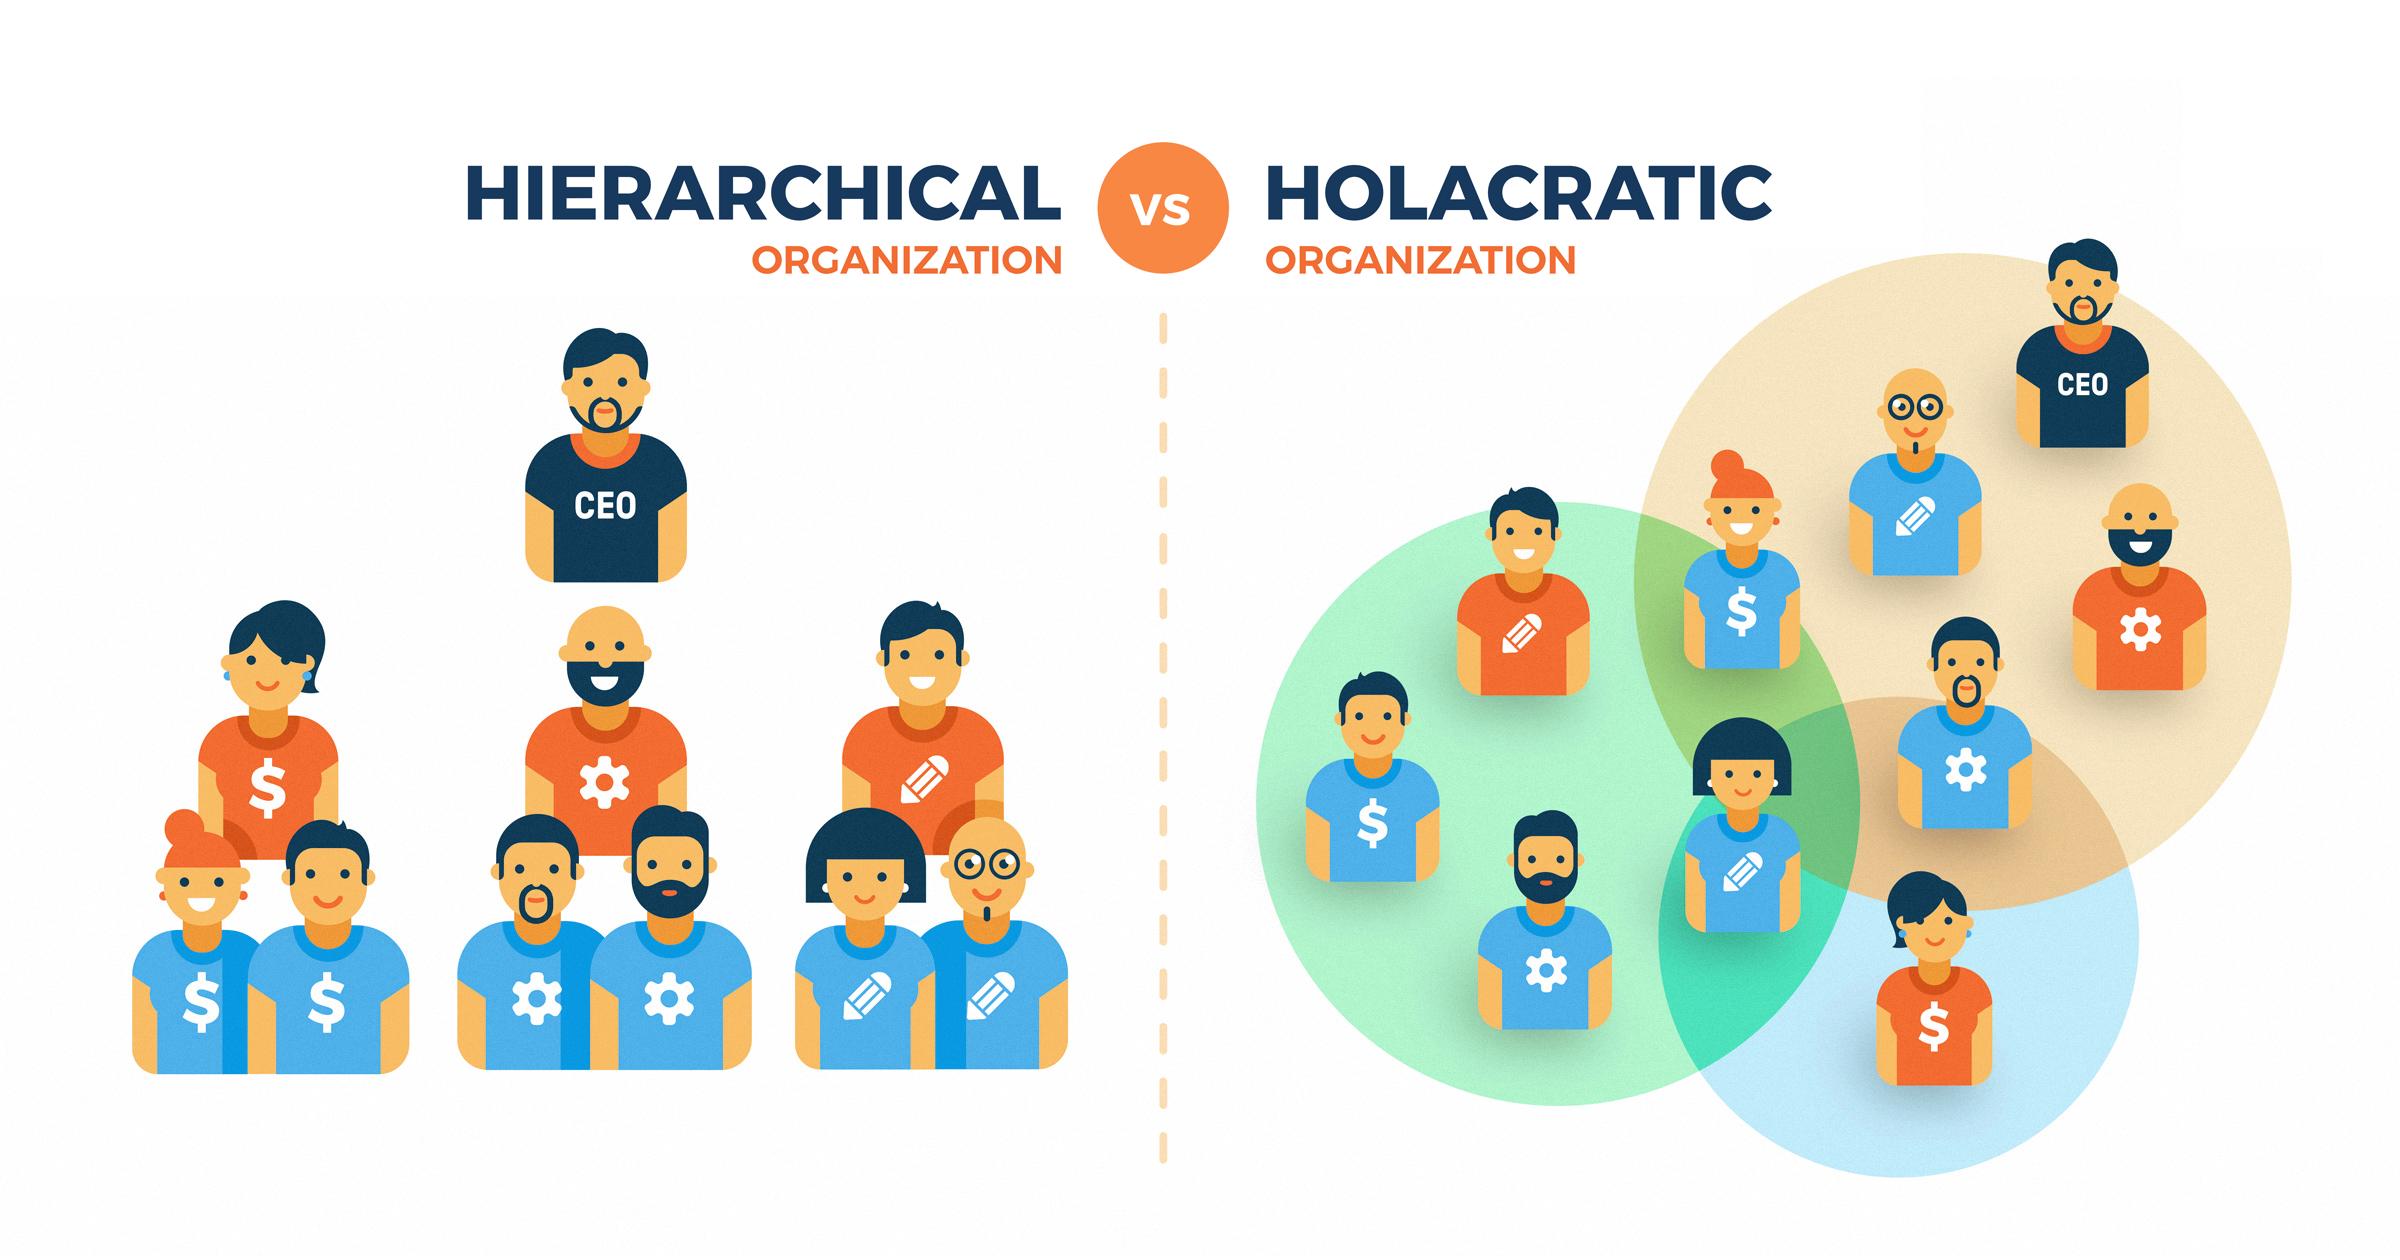 A hierarchikus és a holakratikus szervezeti működés különbségeis közötti